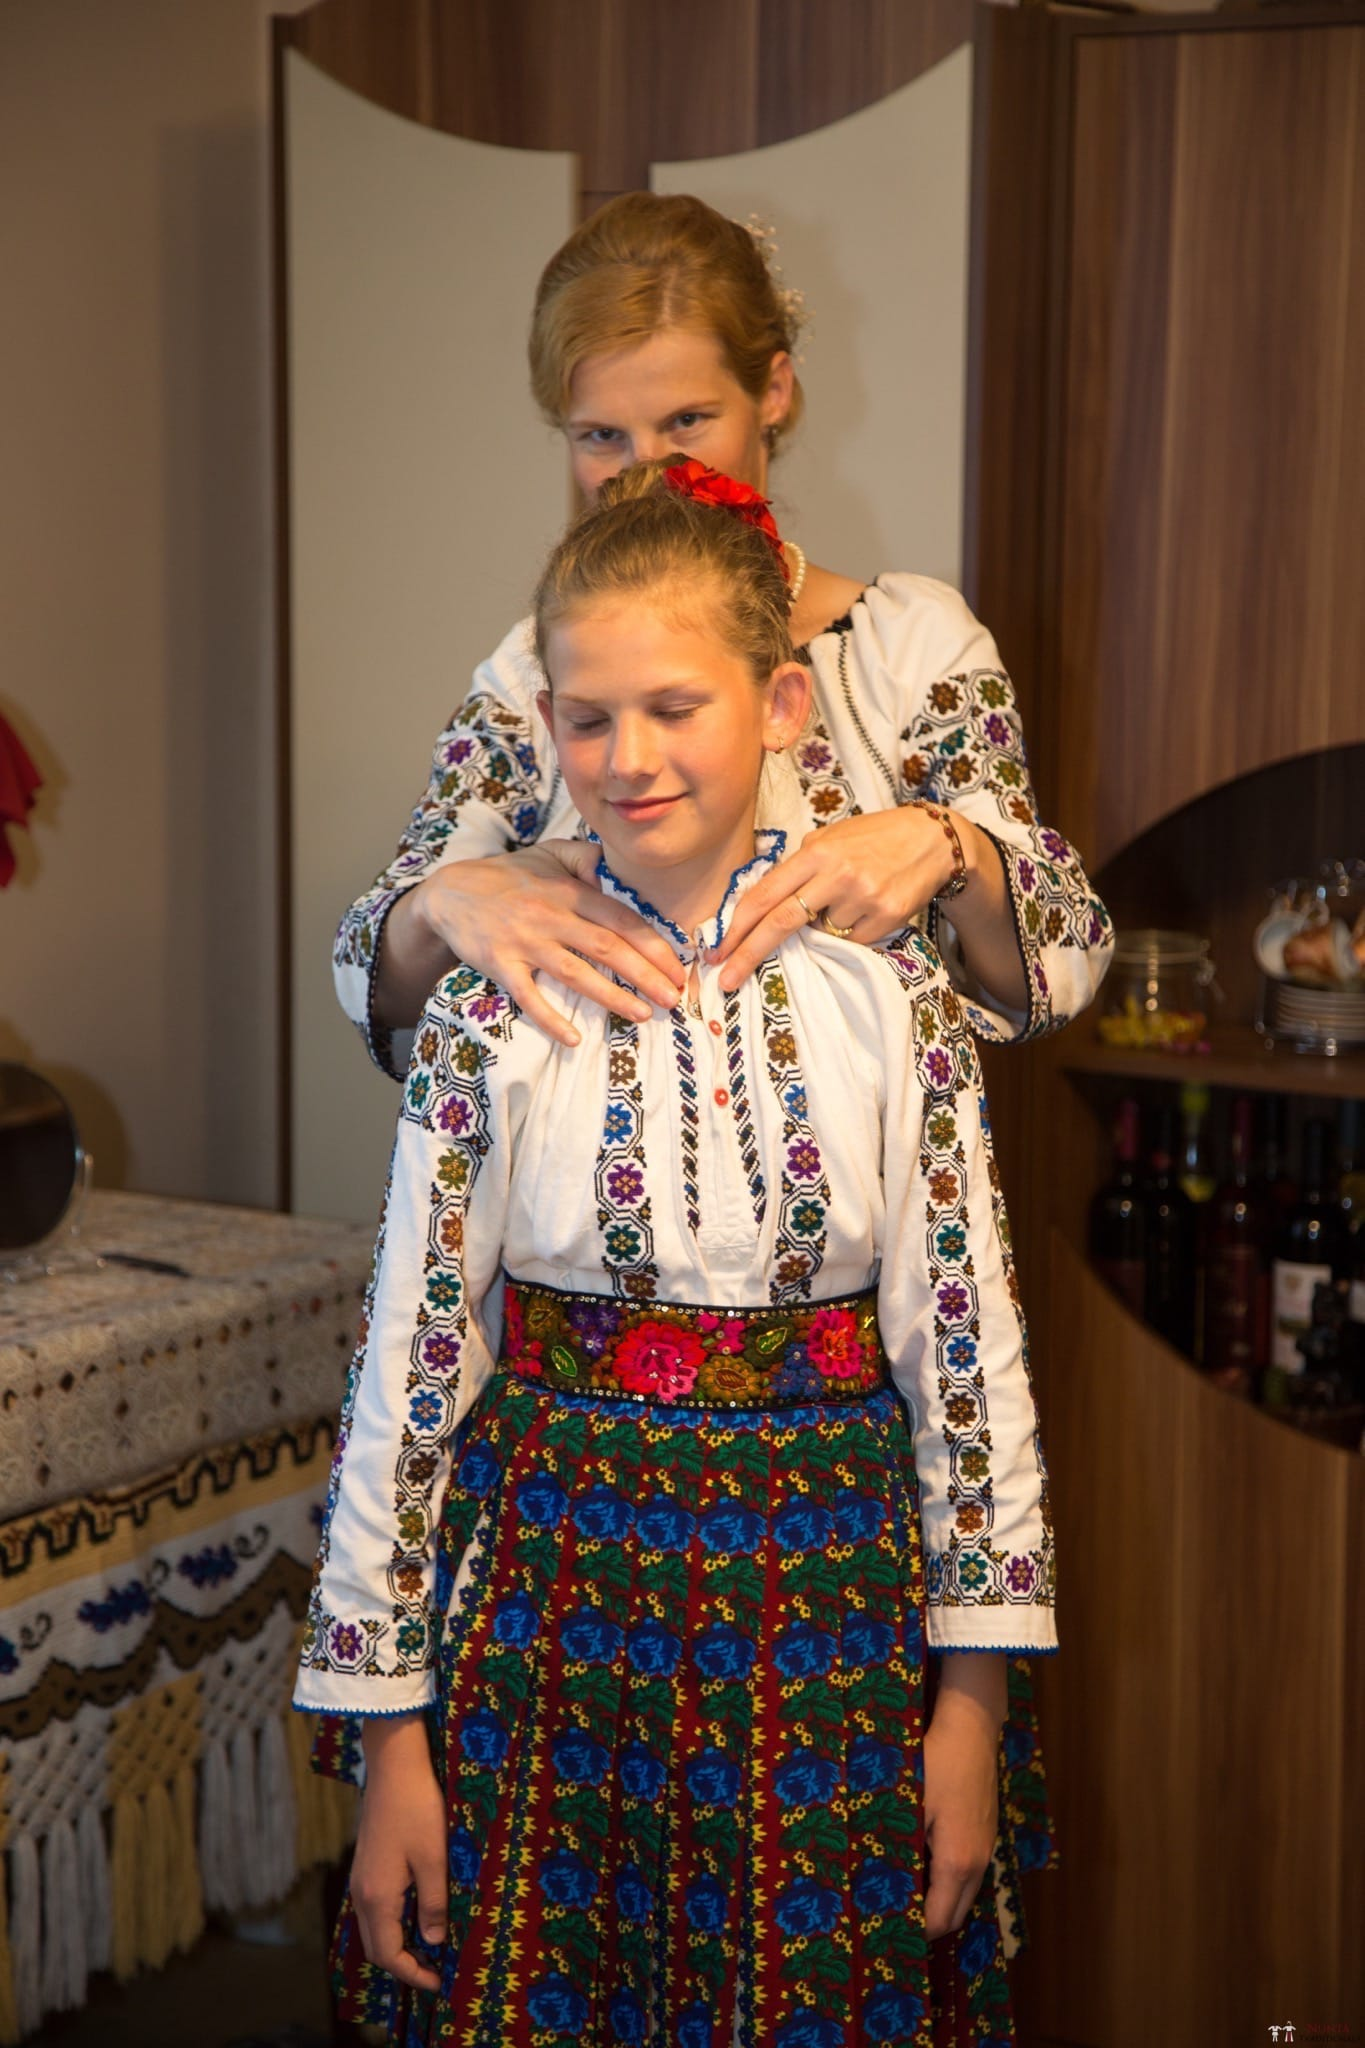 Povești Nunți Tradiționale - Ancuța și Nicu, cununie tradițională în Giulești, Maramureș 3